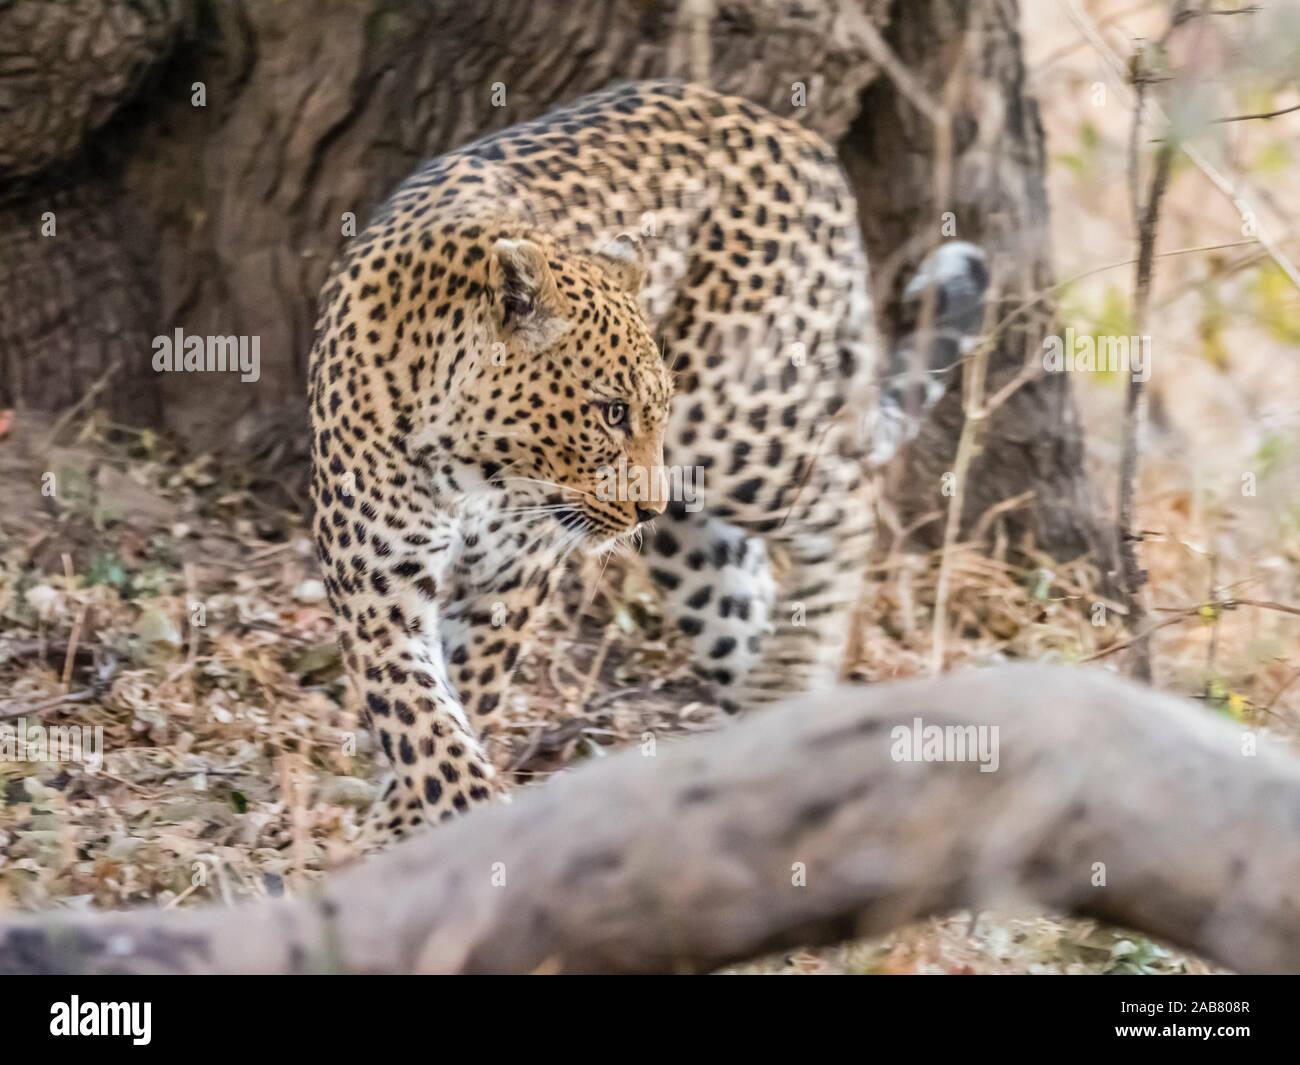 Une femelle adulte leopard (Panthera pardus), le parc national de South Luangwa, en Zambie, l'Afrique Banque D'Images